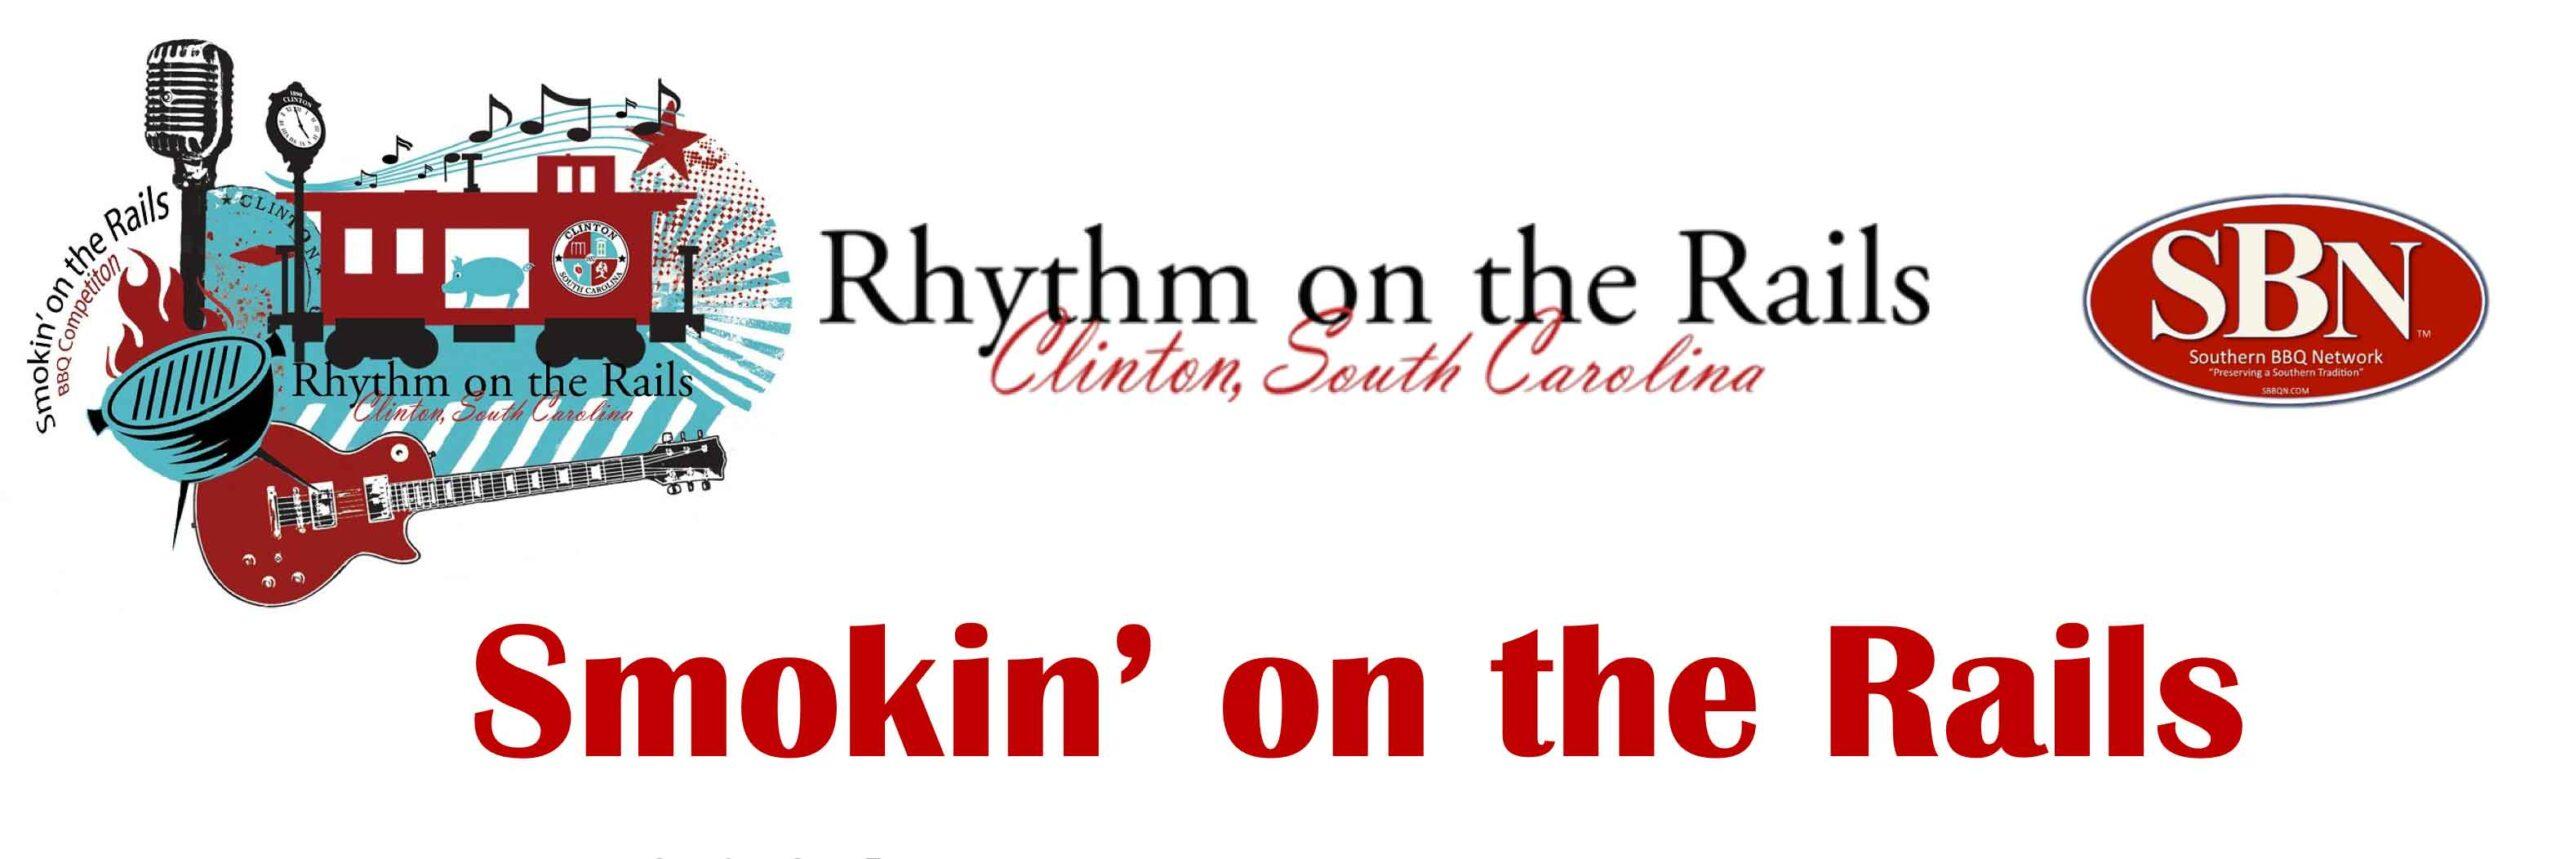 Rhythm on the Rails Logo in Clinton, SC